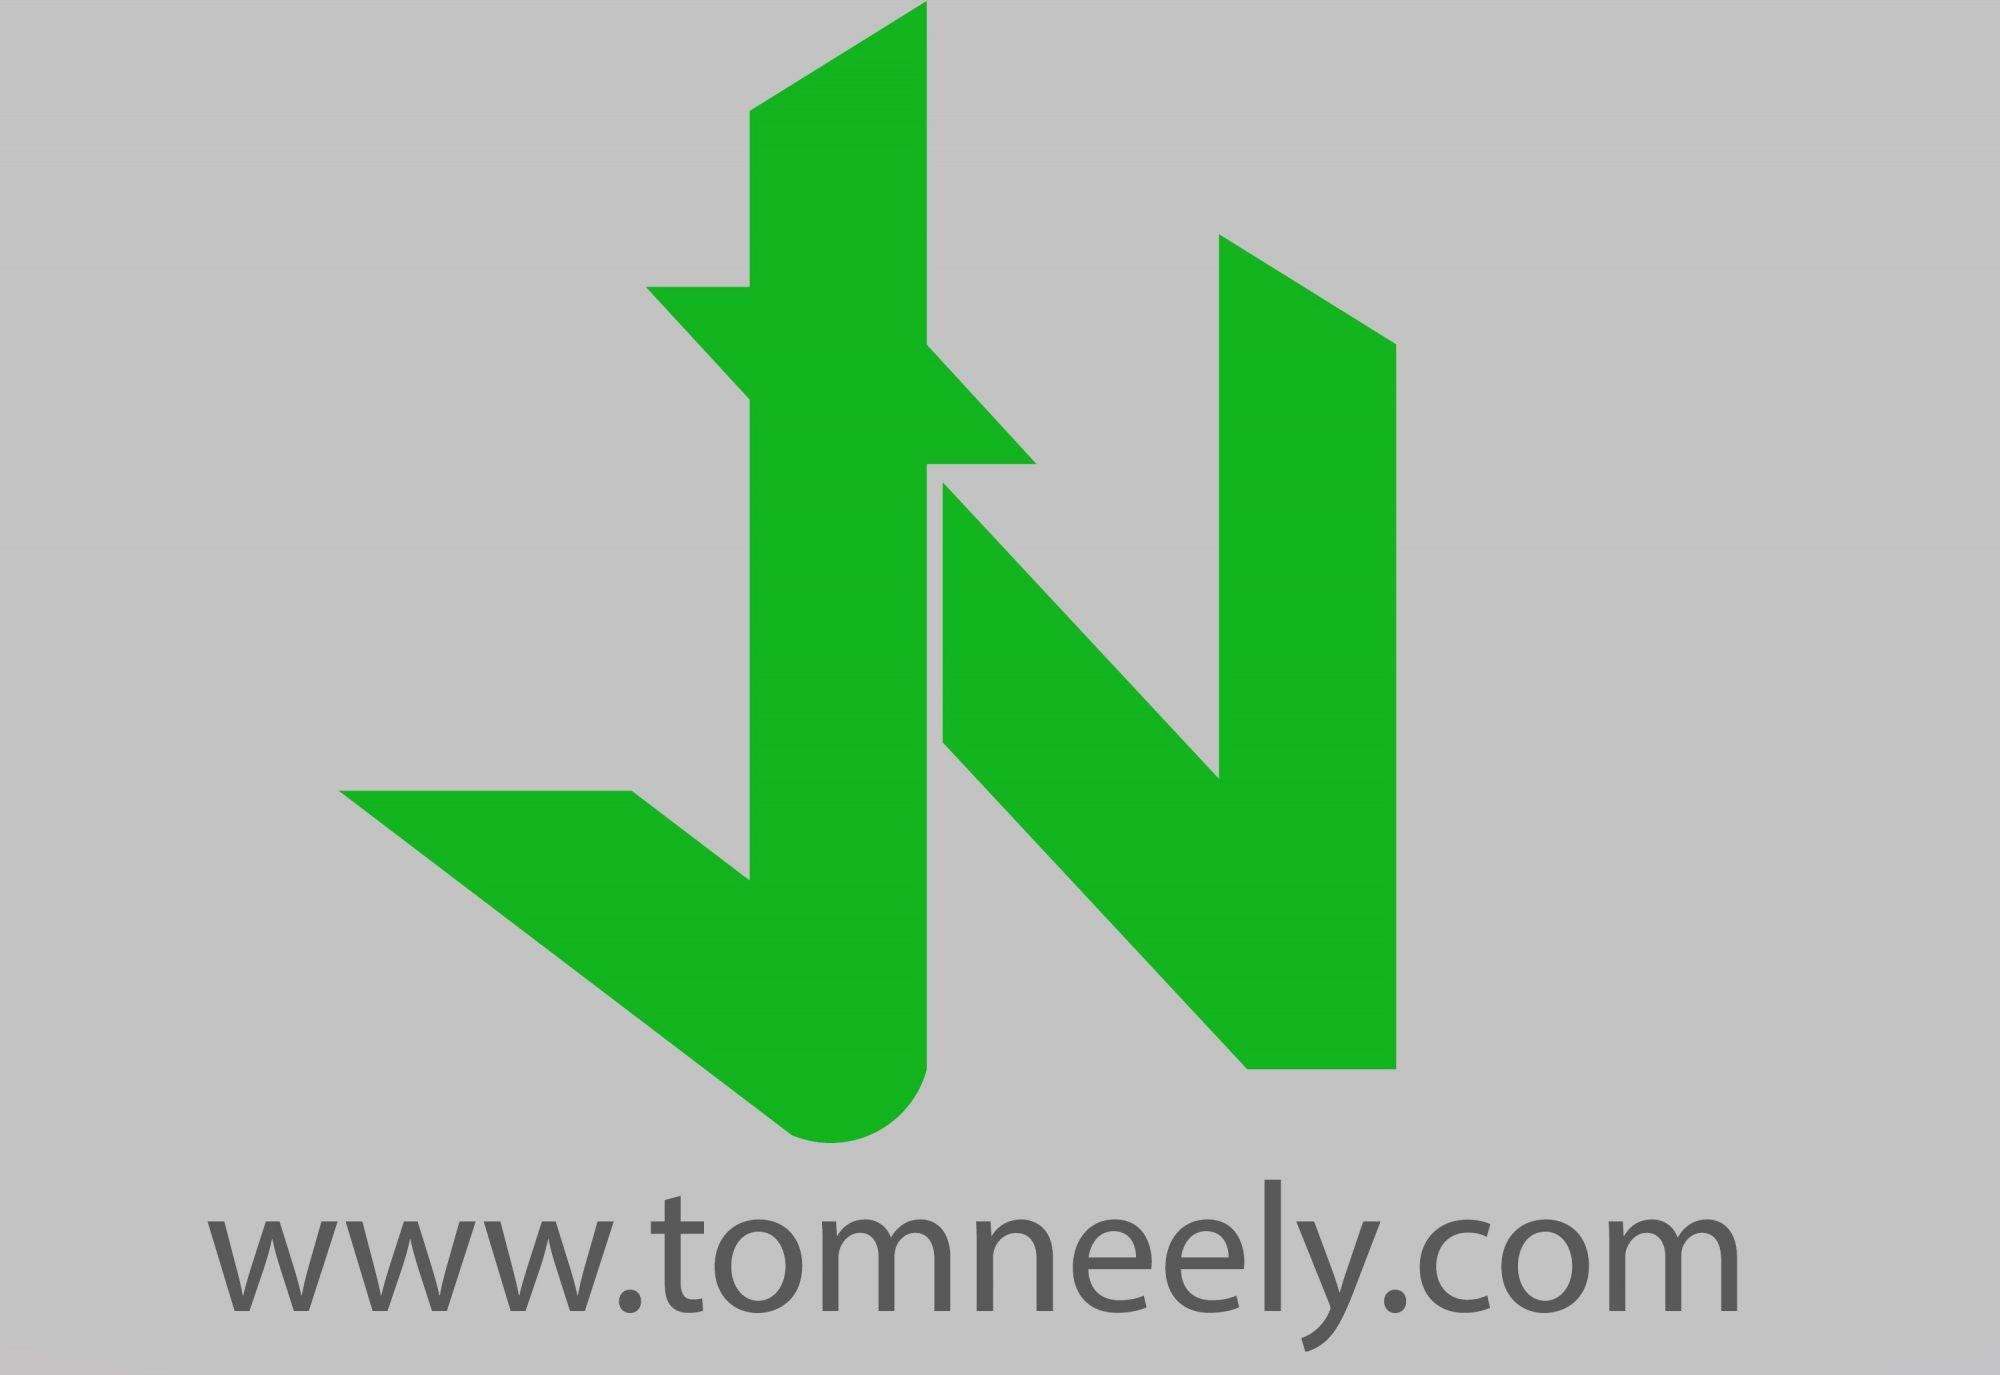 Tom Neely